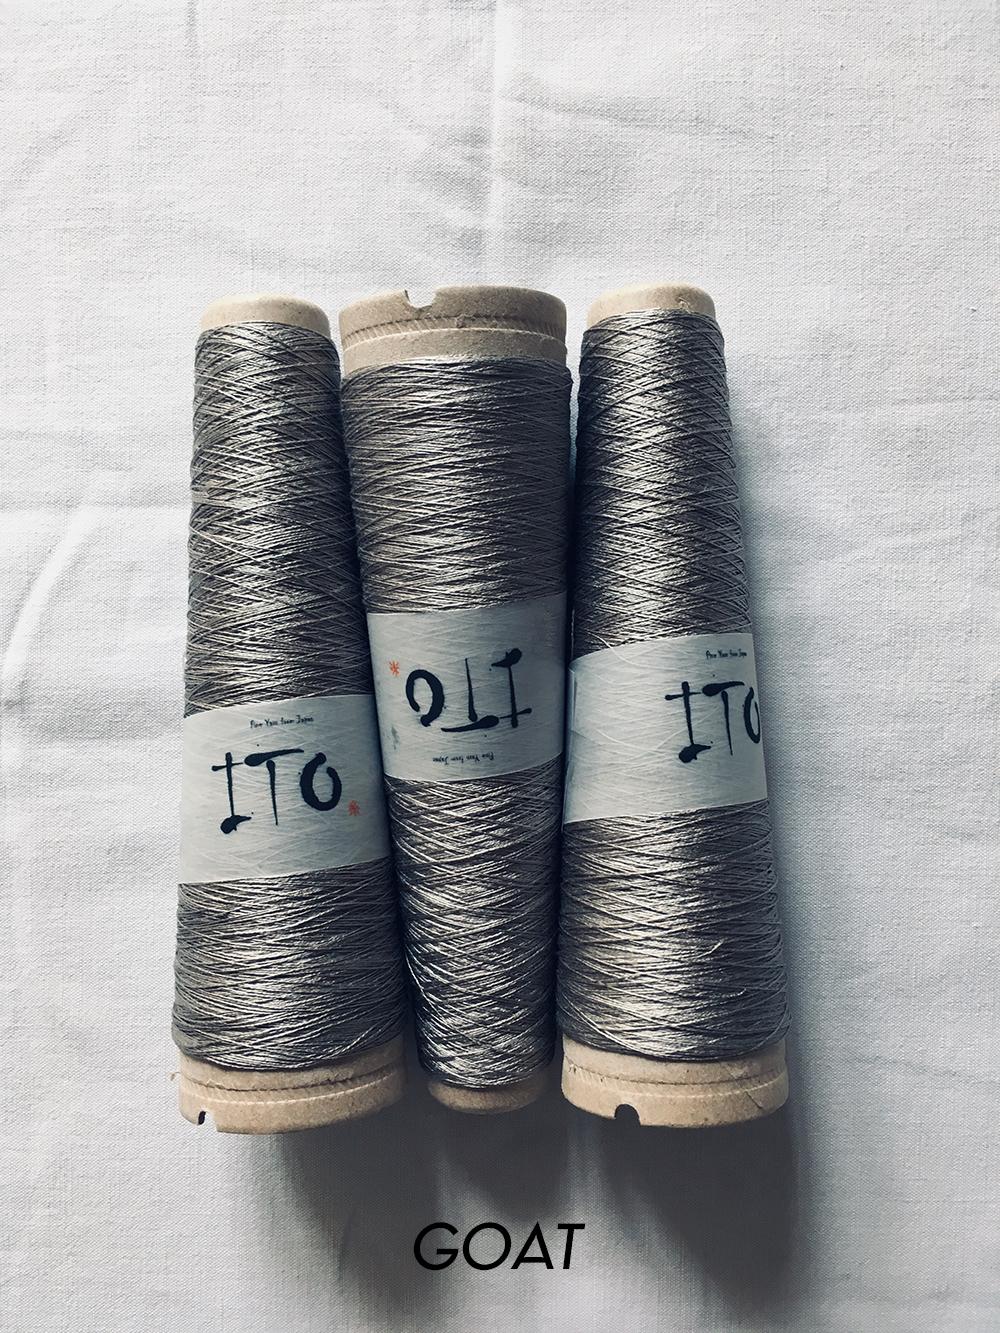 ito_tetsu_goat_174_wool_done_knitting.jpg